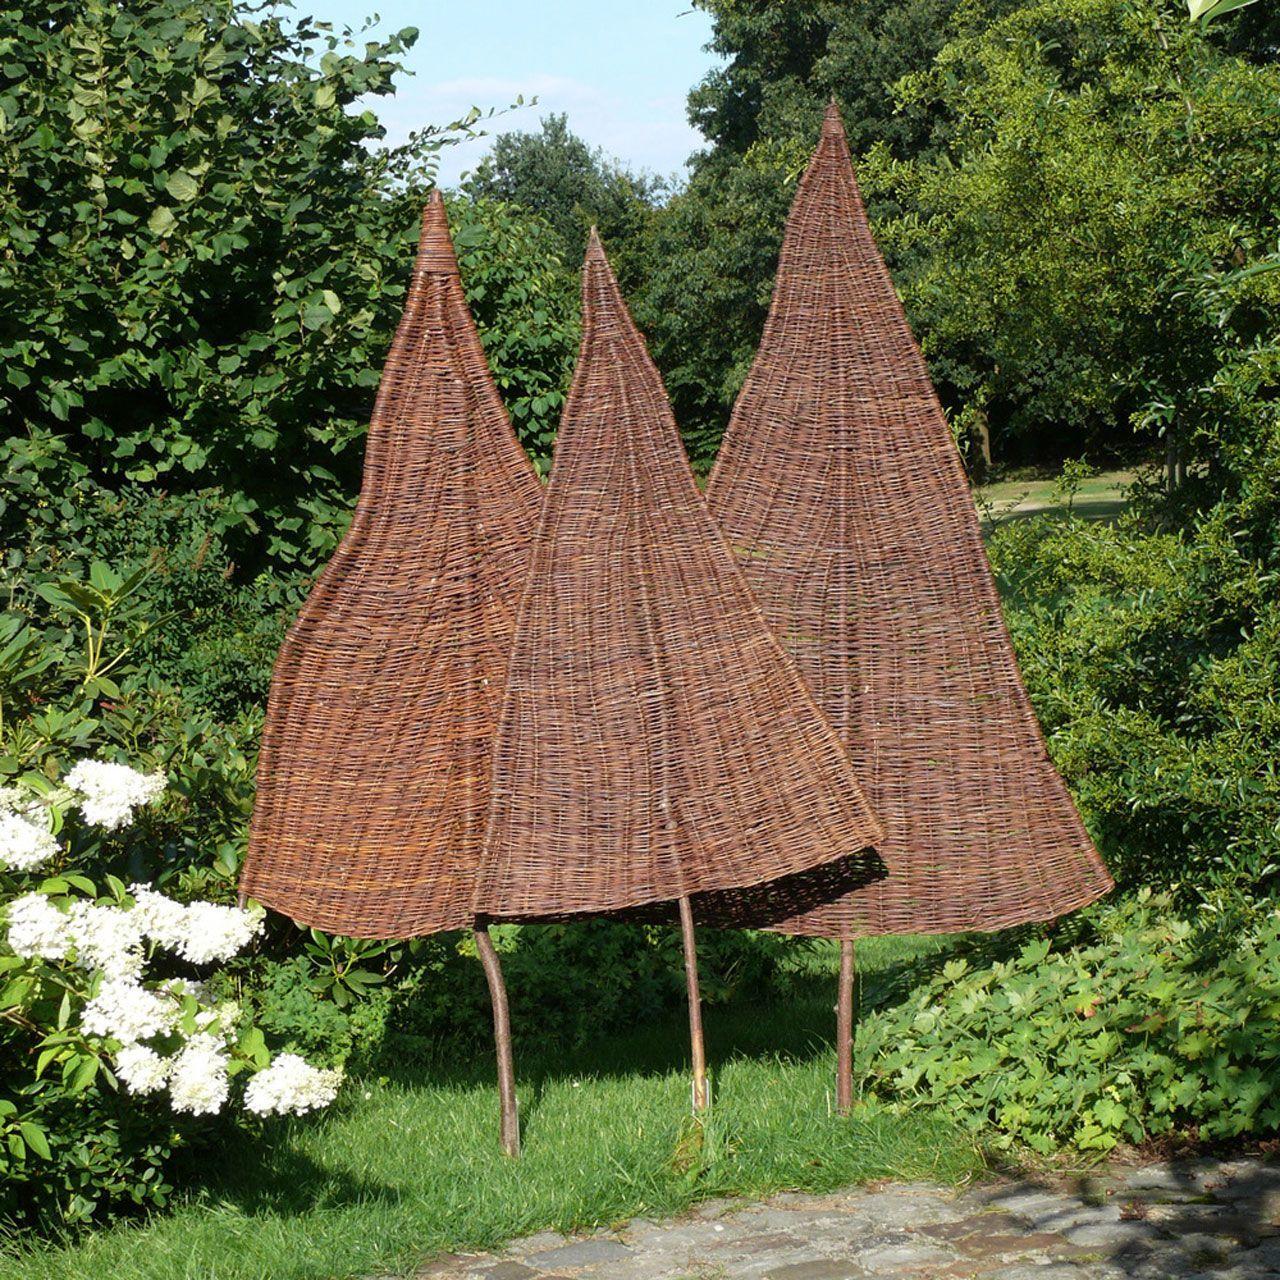 SichtschutzWeidenbaum Tanne, natur bambussichtschutz